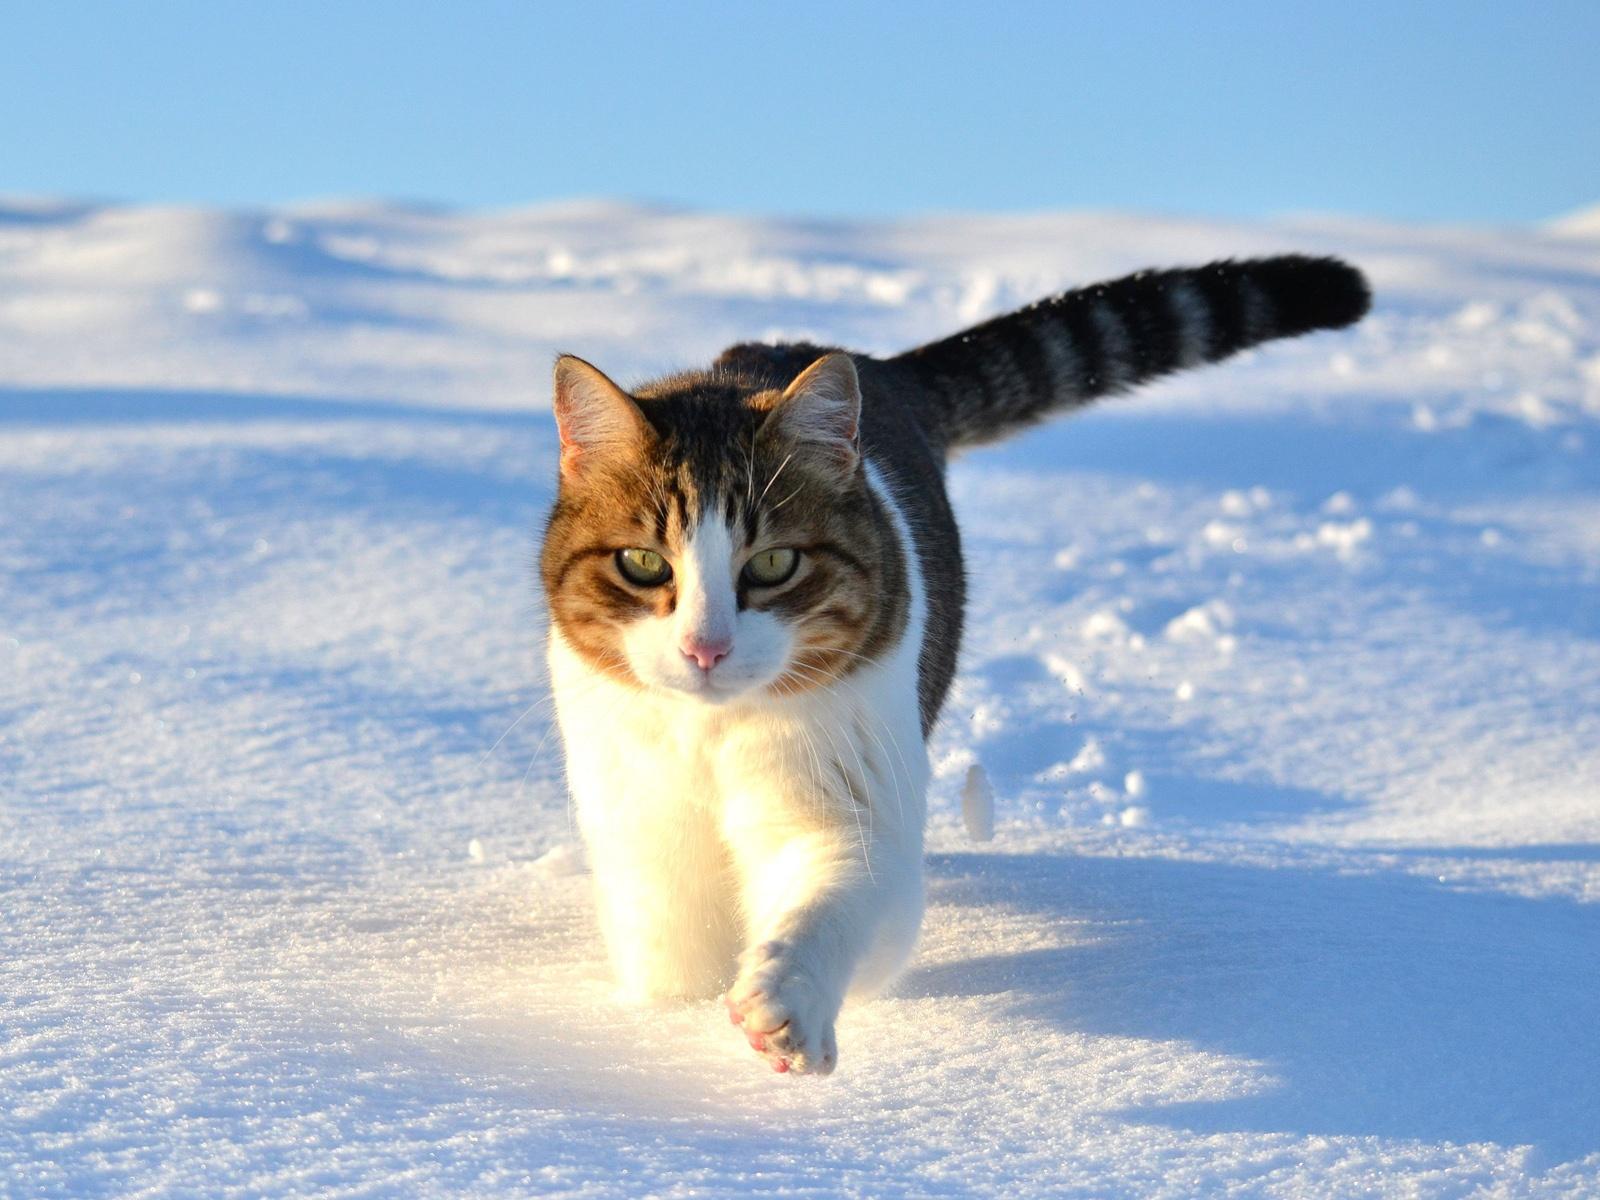 Wallpaper Cute Cat Walking In The Snow Winter 1920x1200 Hd